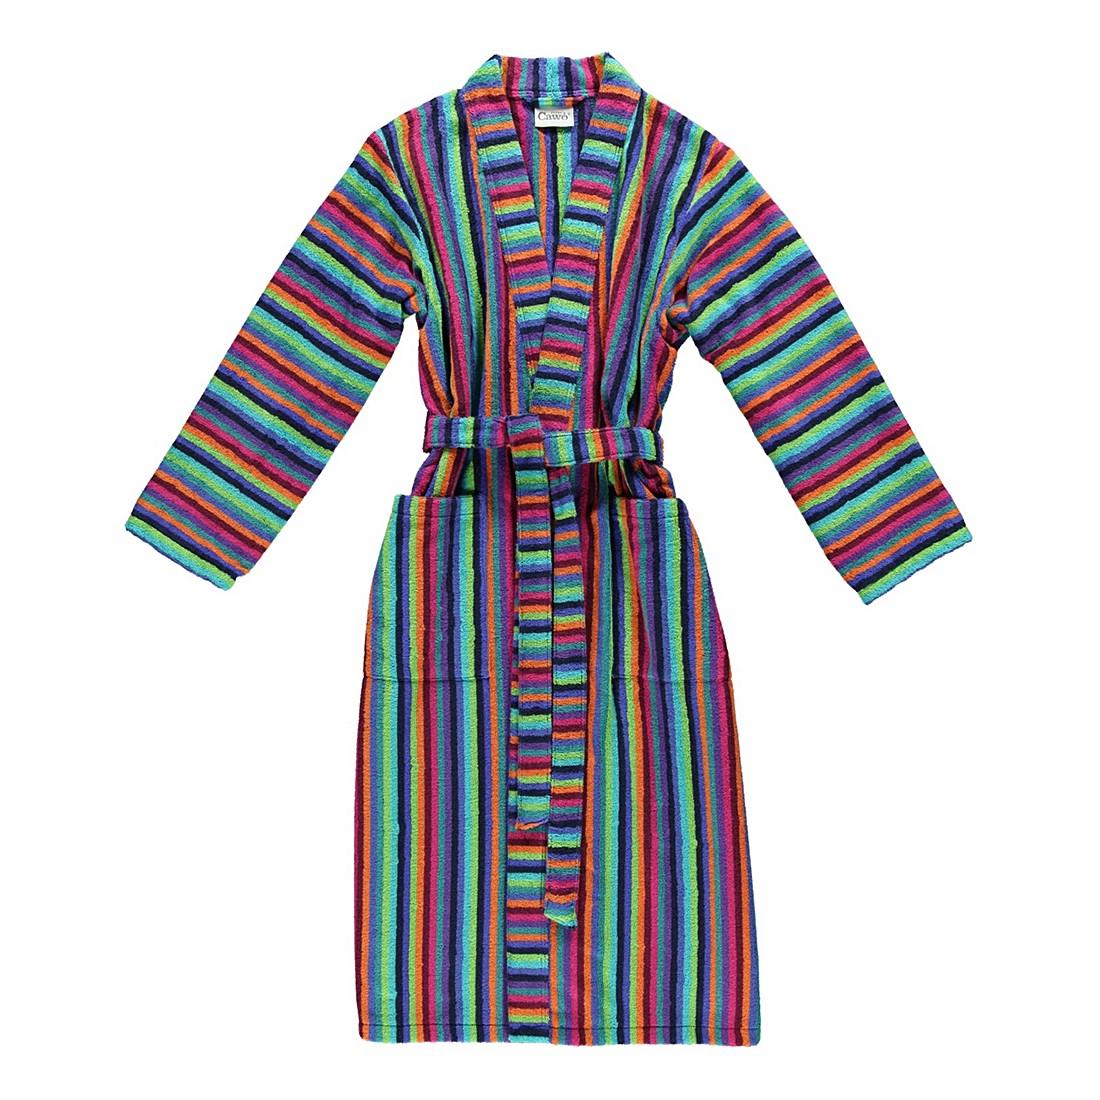 Bademantel 7048 – Damen – FRottier – 100% Baumwolle multicolor – 84 – Größe: XS, Cawö jetzt kaufen